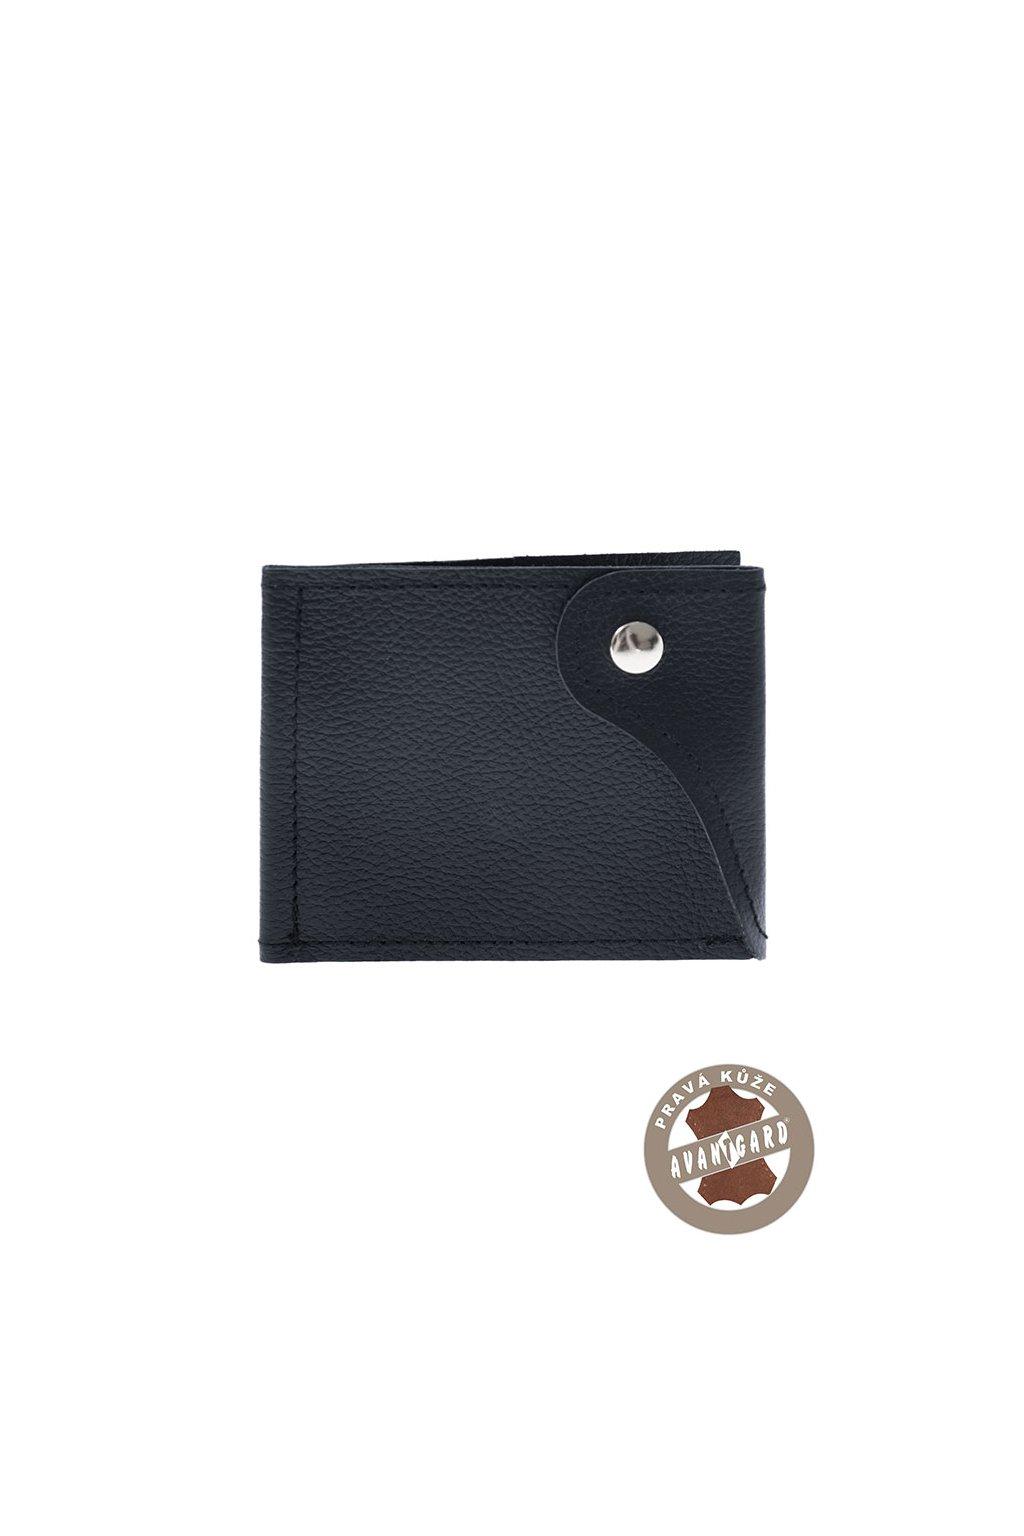 Pánská peněženka z pravé kůže modrá 800 - 31